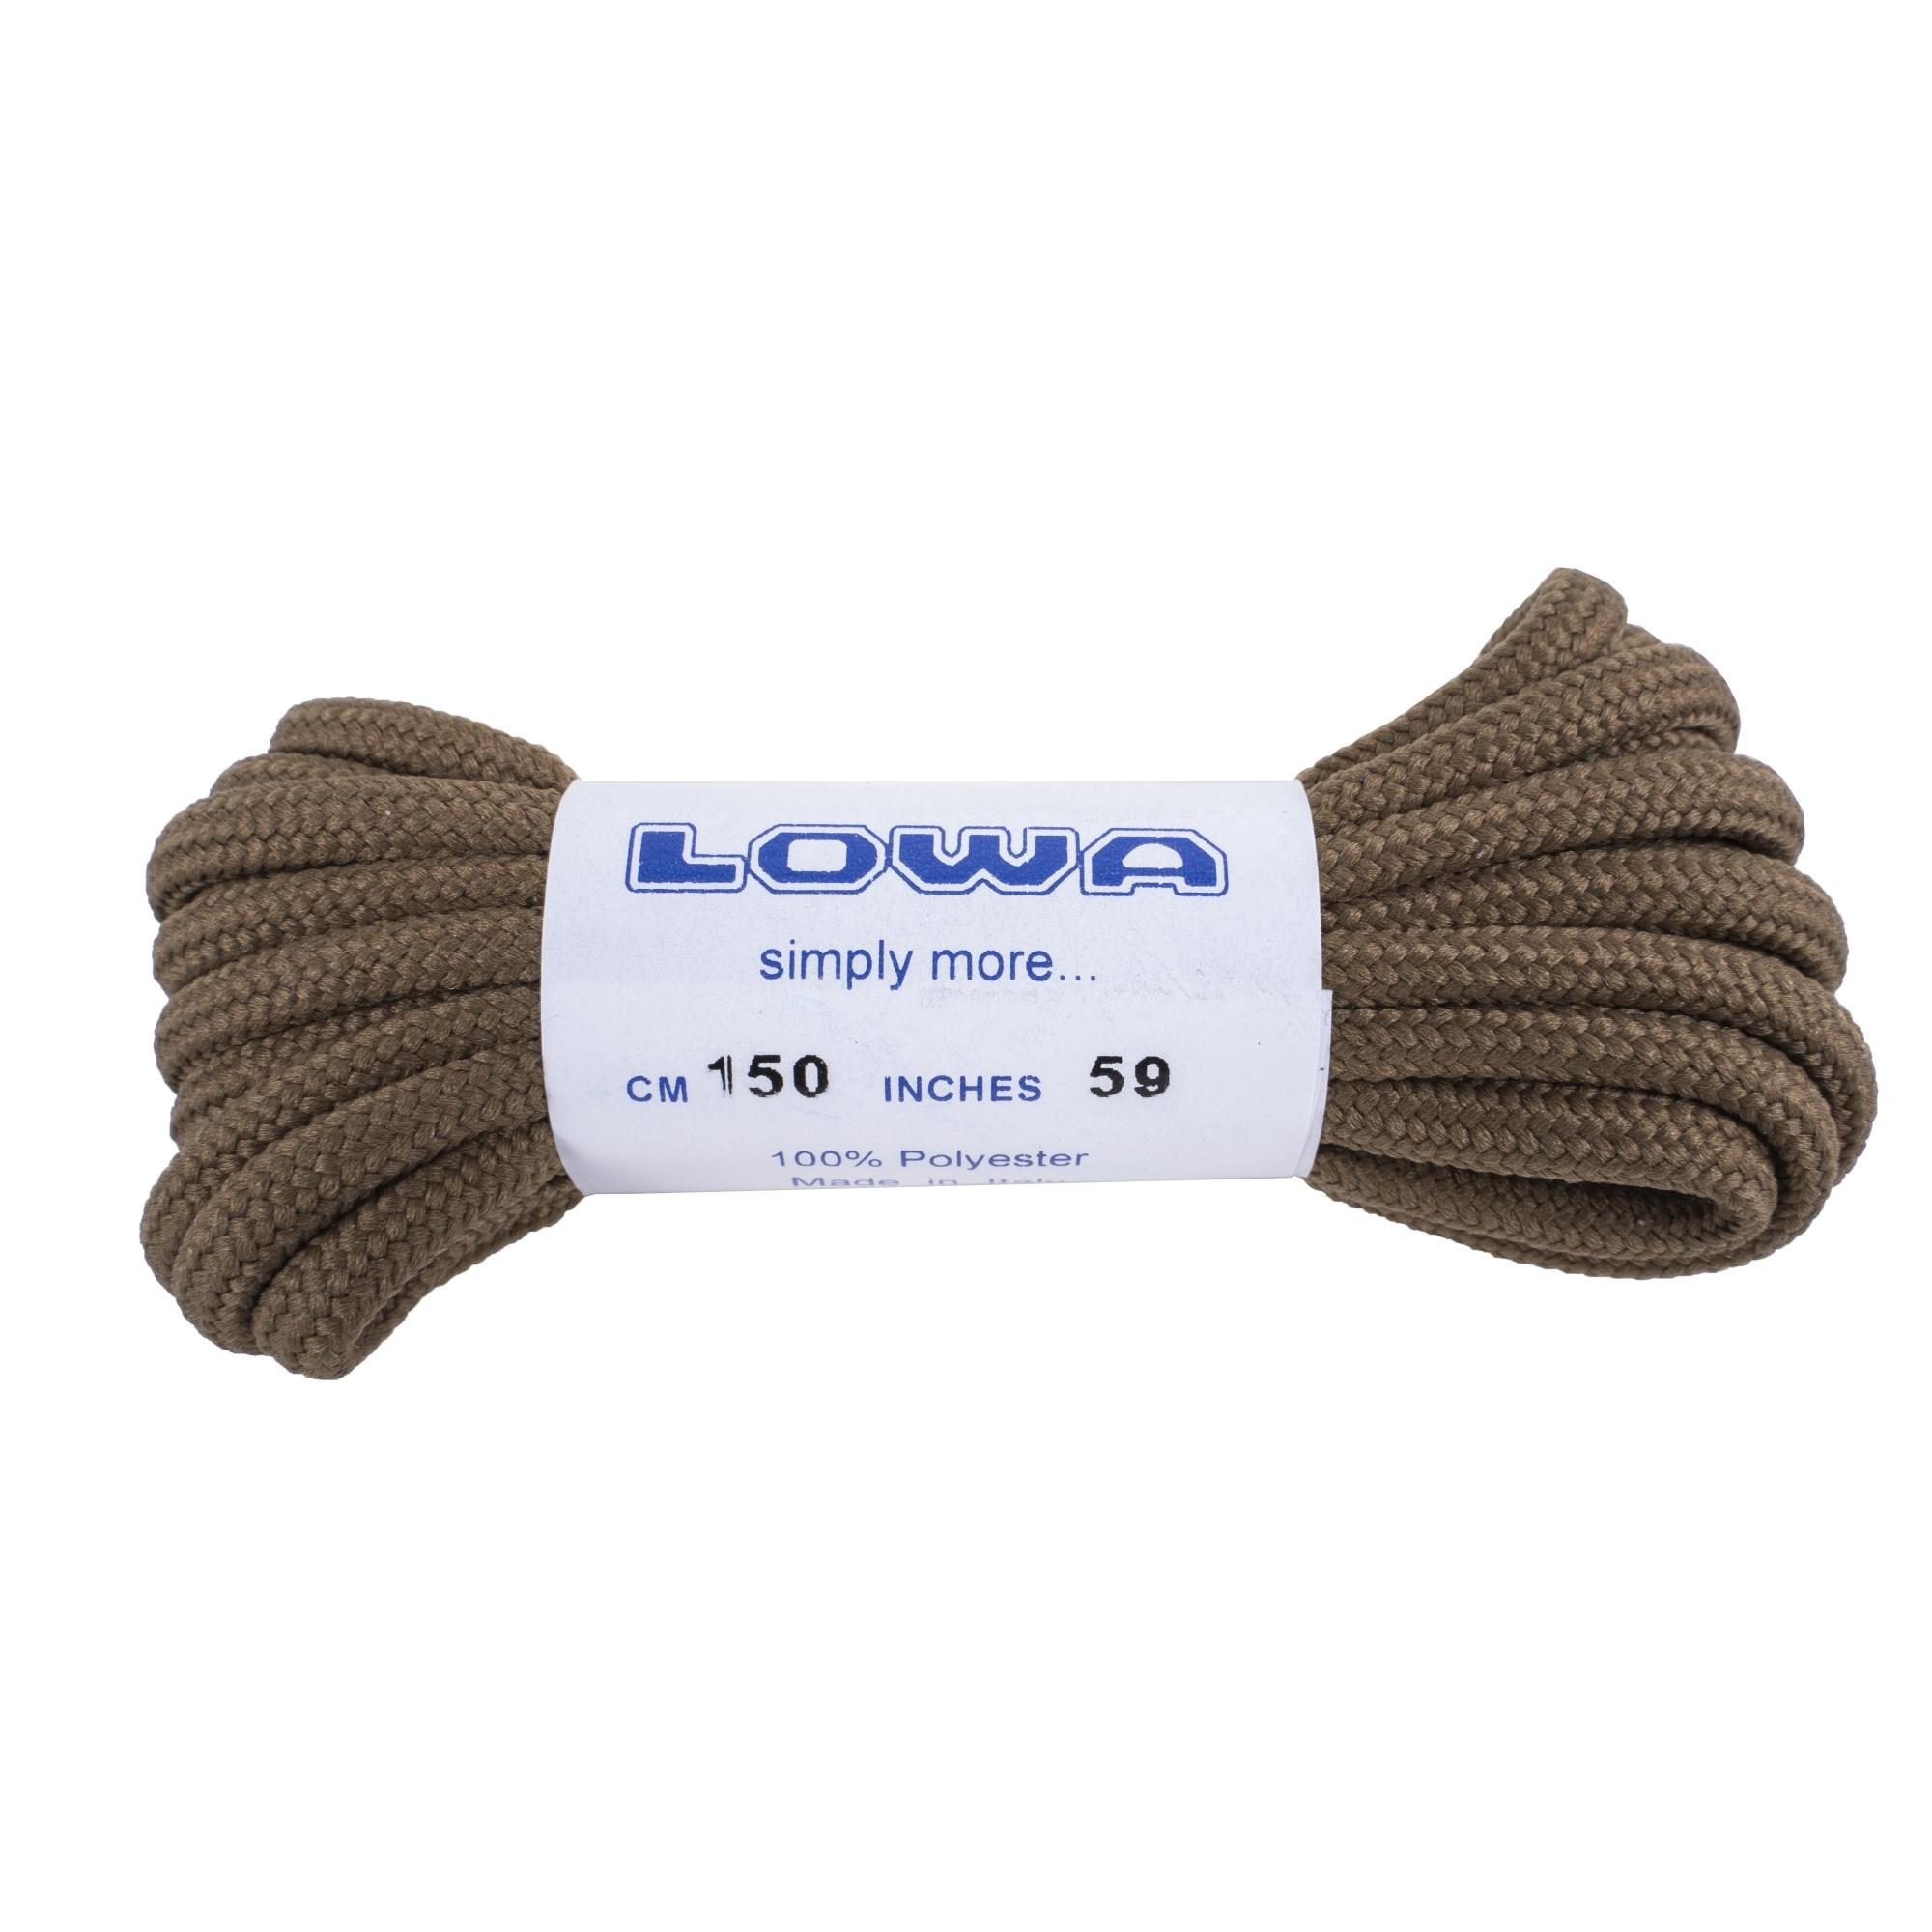 Tkaničky LOWA 150cm COYOTE